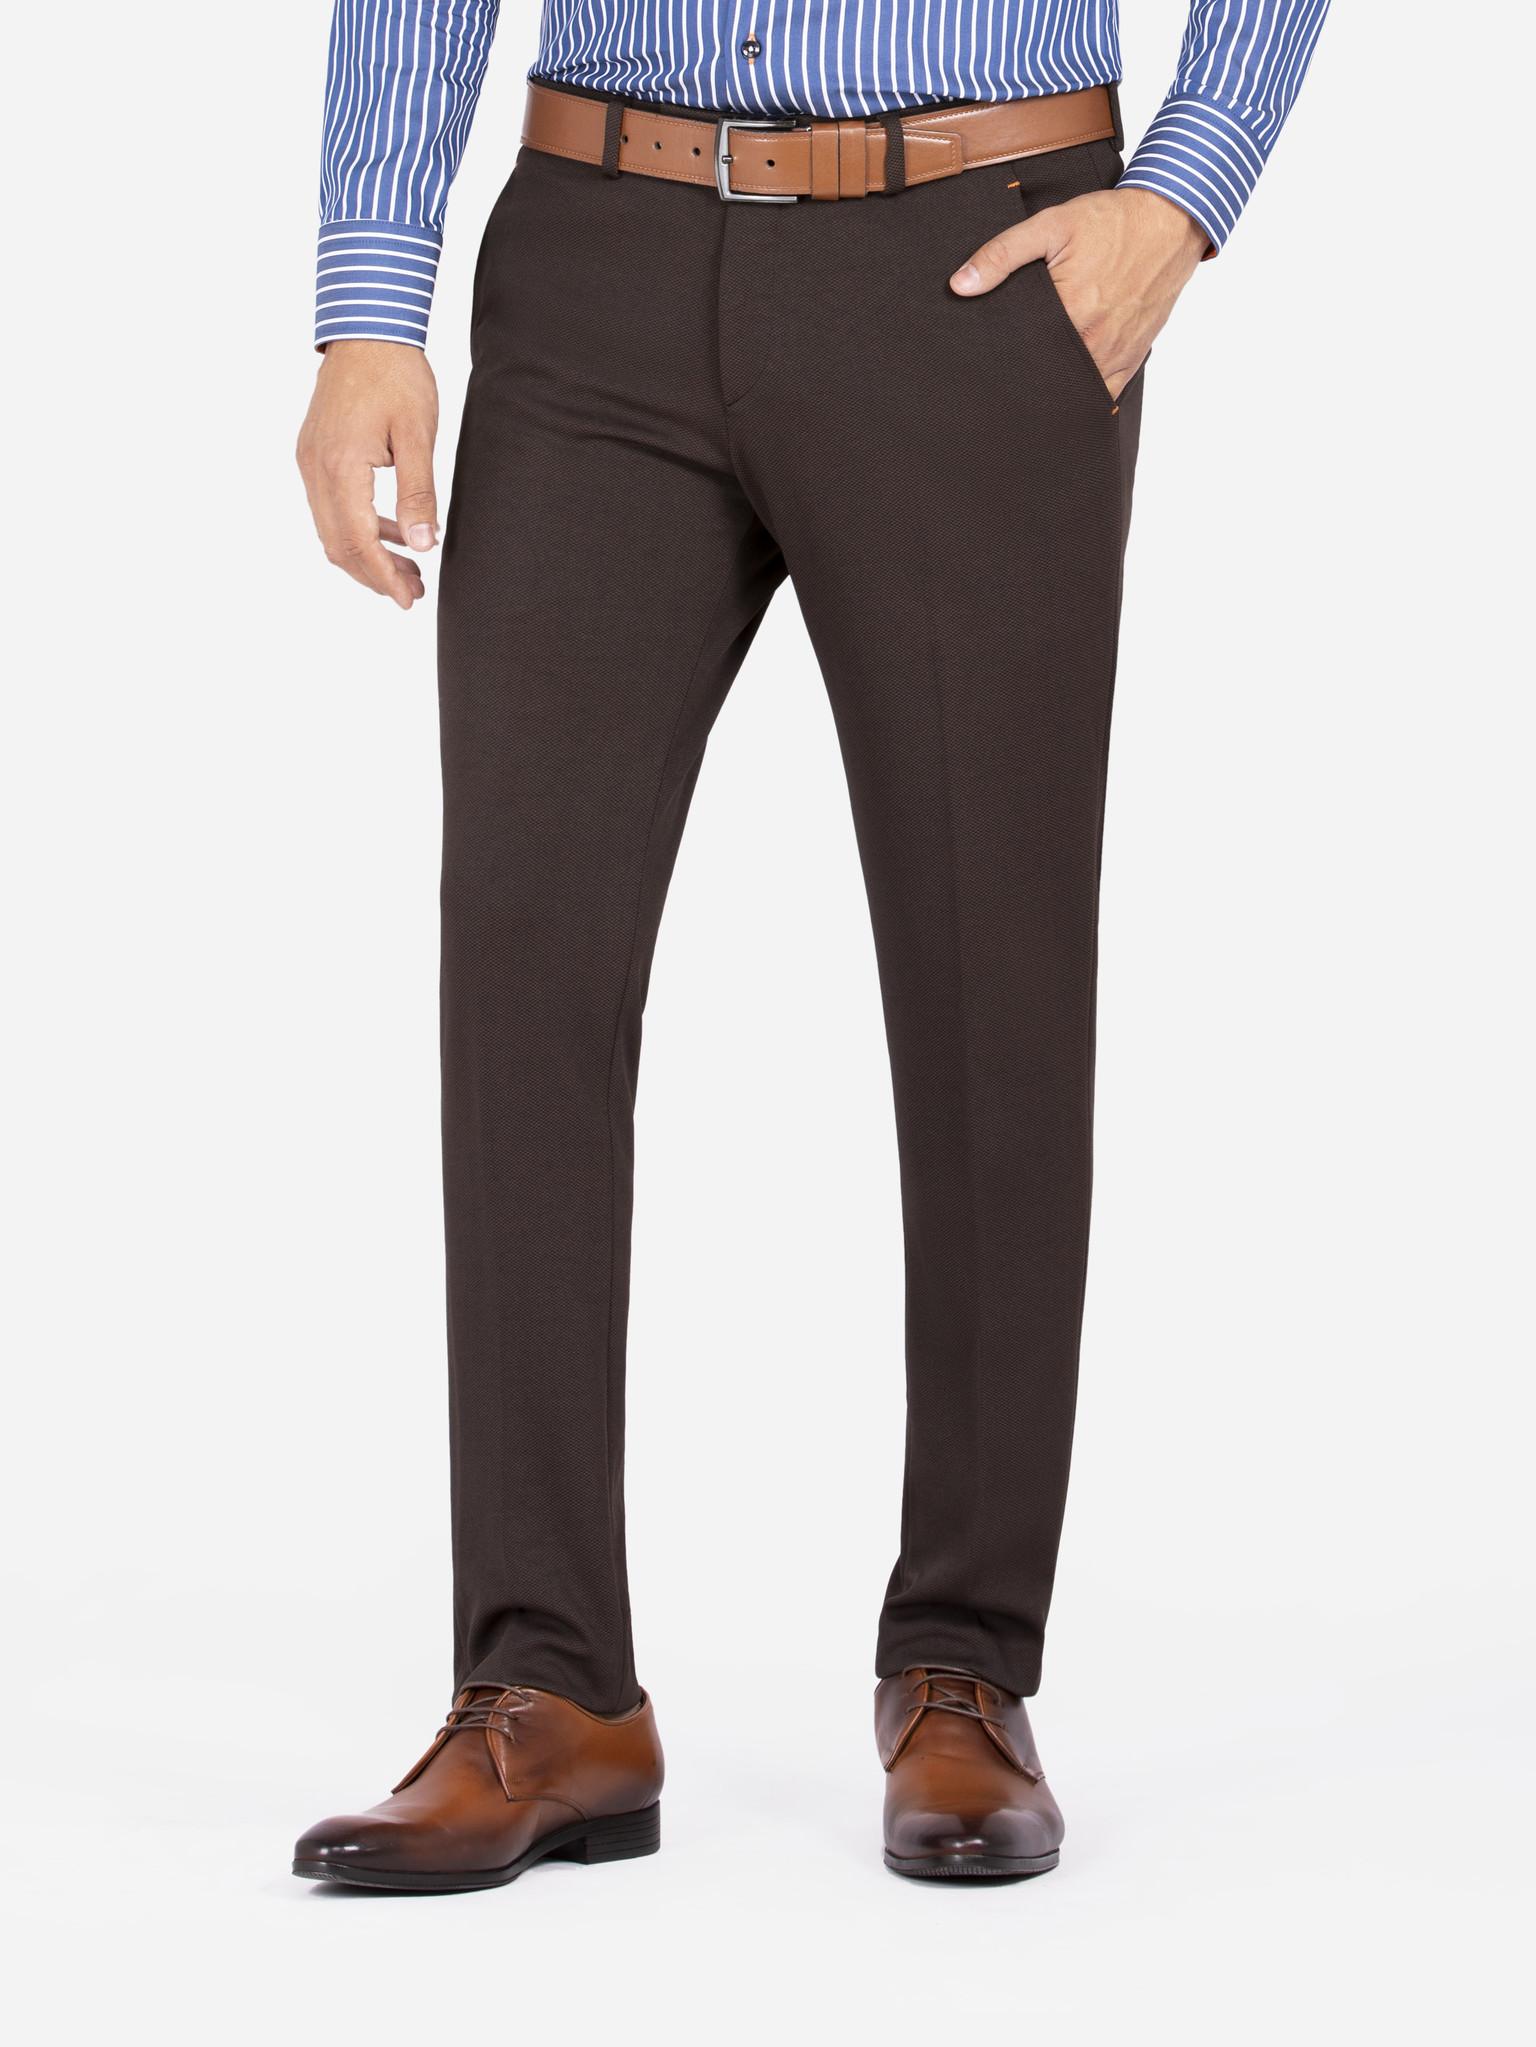 Wam Denim Pantalon 72200 Bonem Brown